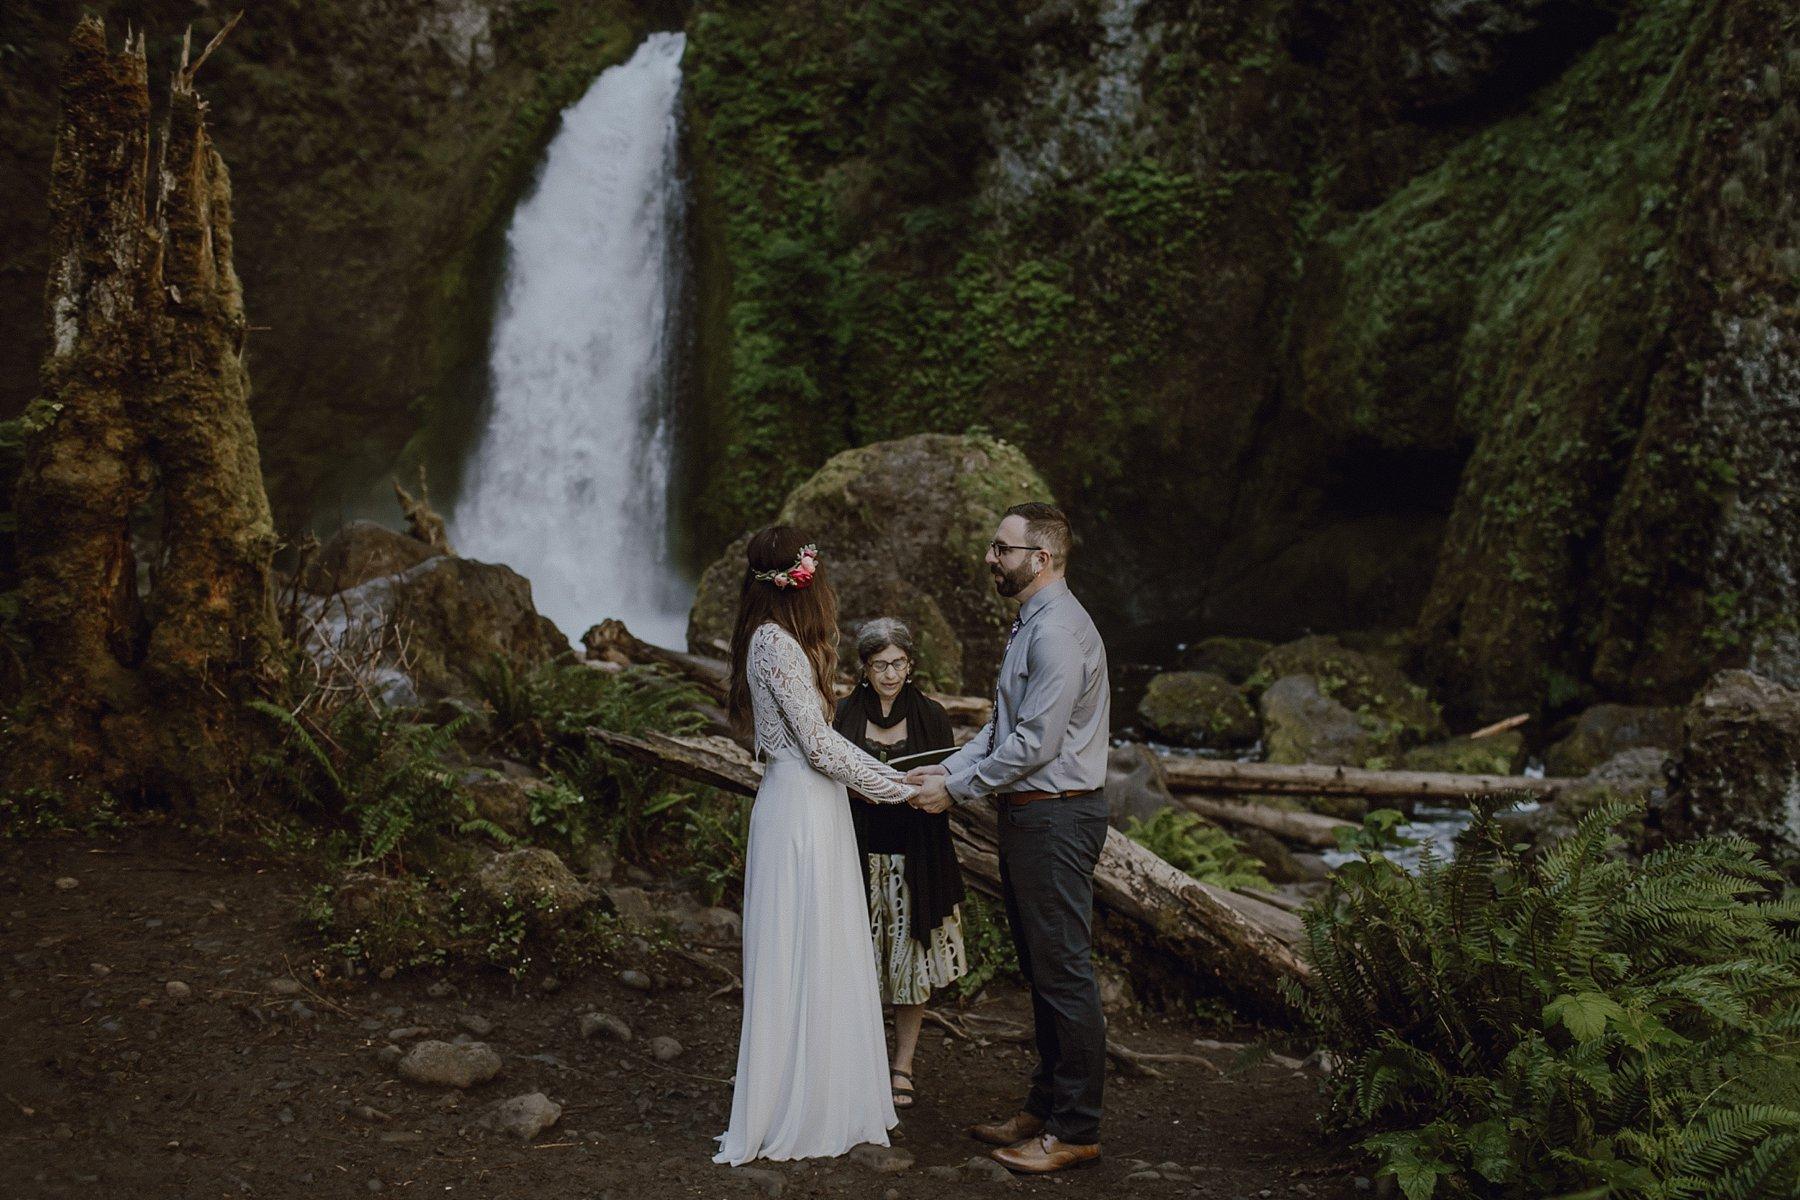 A wedding at Wahclella Falls